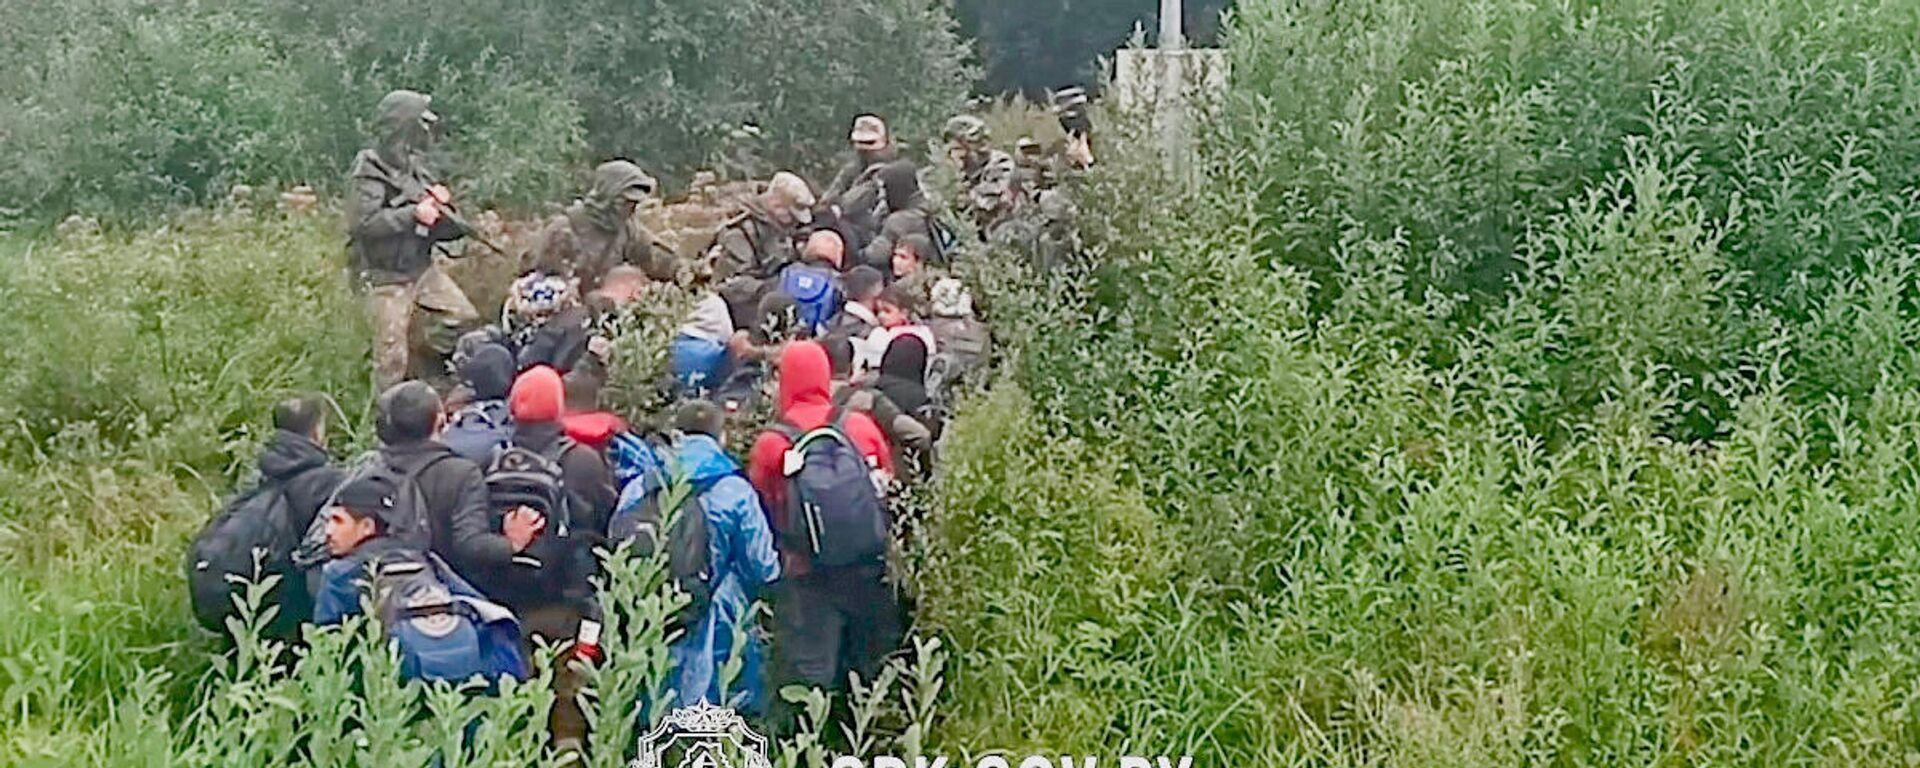 Migranci zatrzymani przy nielegalnym przekraczaniu białorusko-łotewskiej granicy - Sputnik Polska, 1920, 08.09.2021